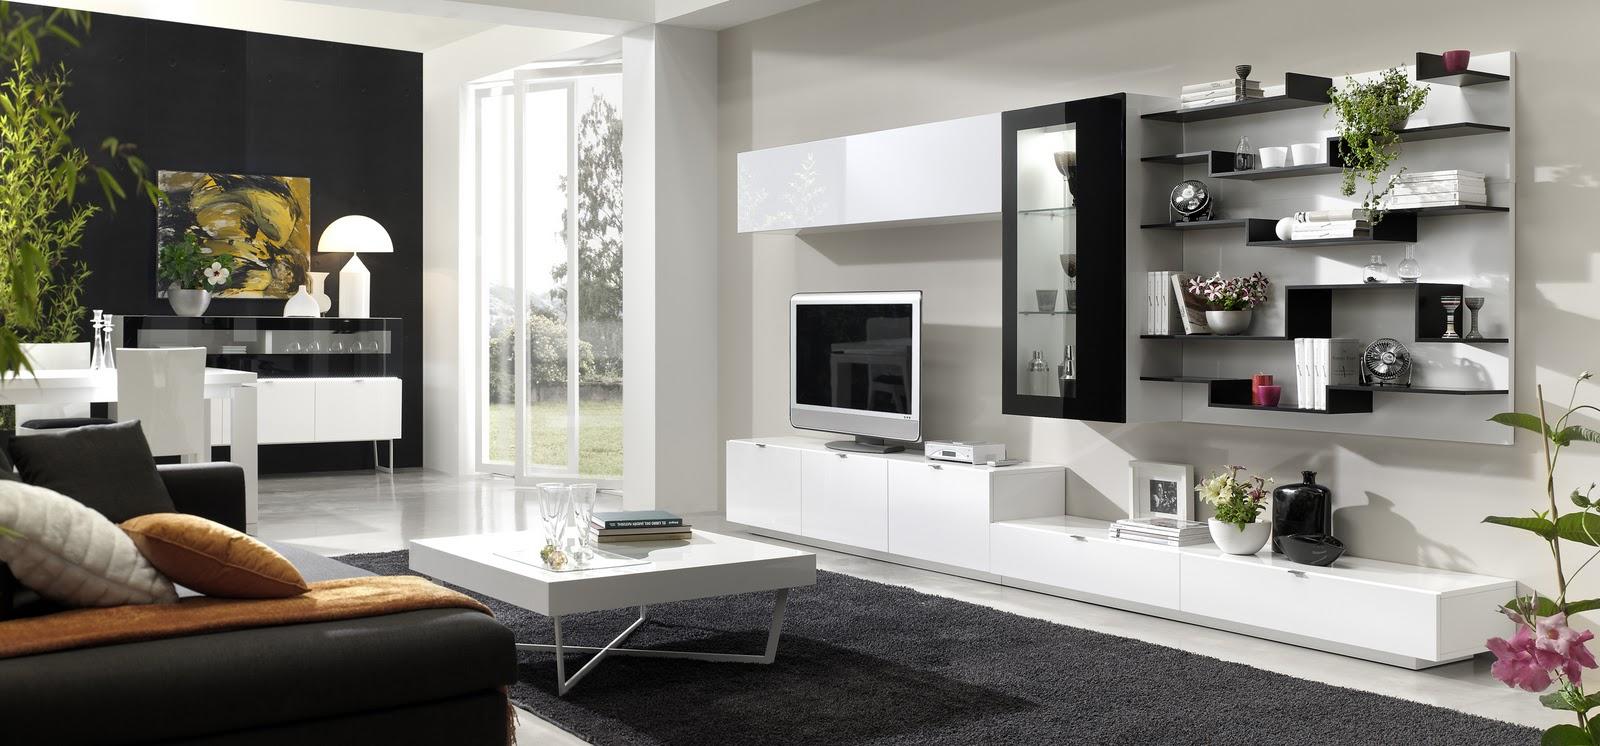 Muebles vazquez decoracion salones - Muebles decoracion salon ...